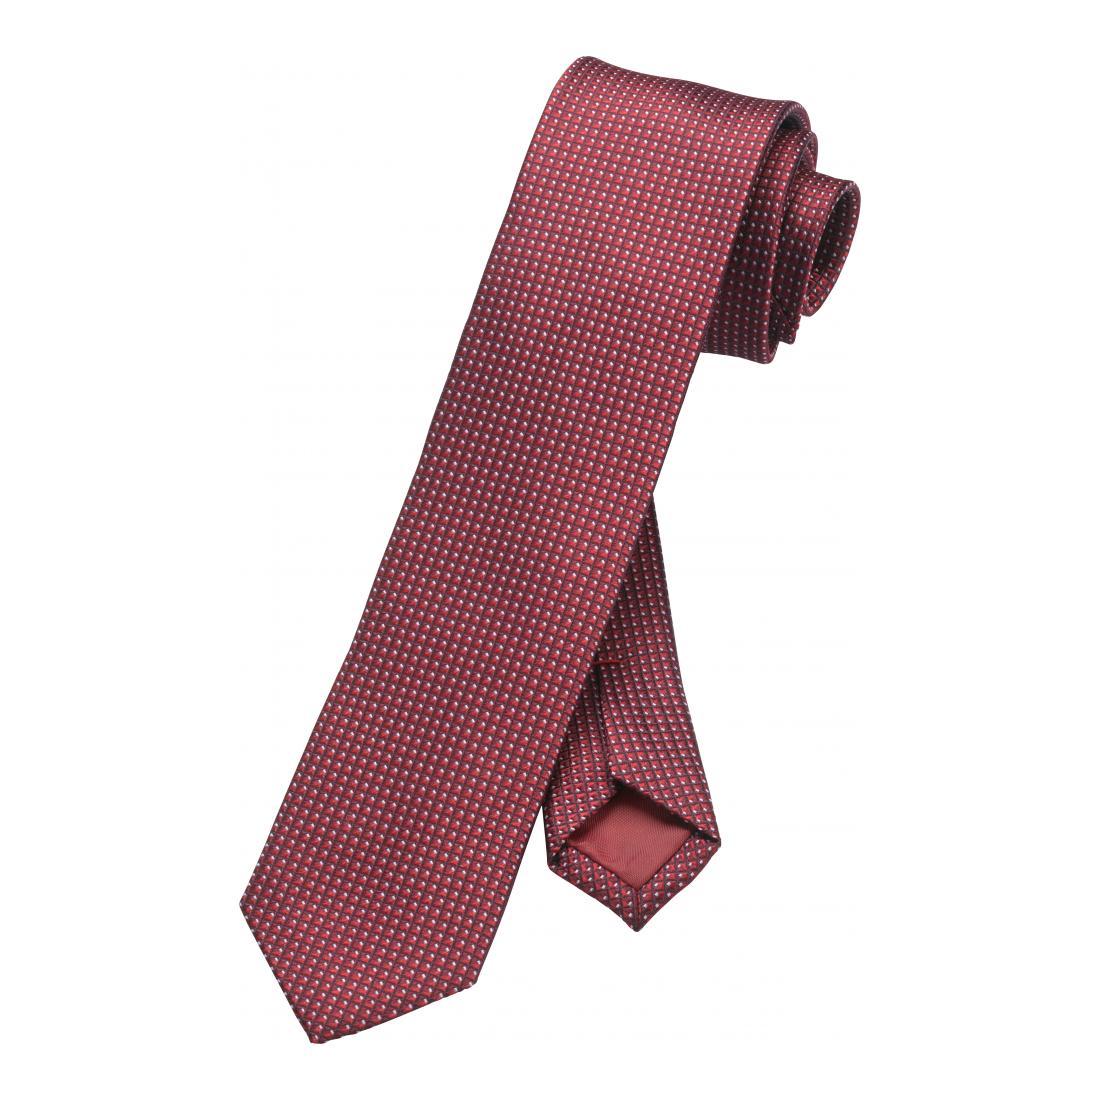 Olymp Krawatten/Fliege 1798/00 Krawatten